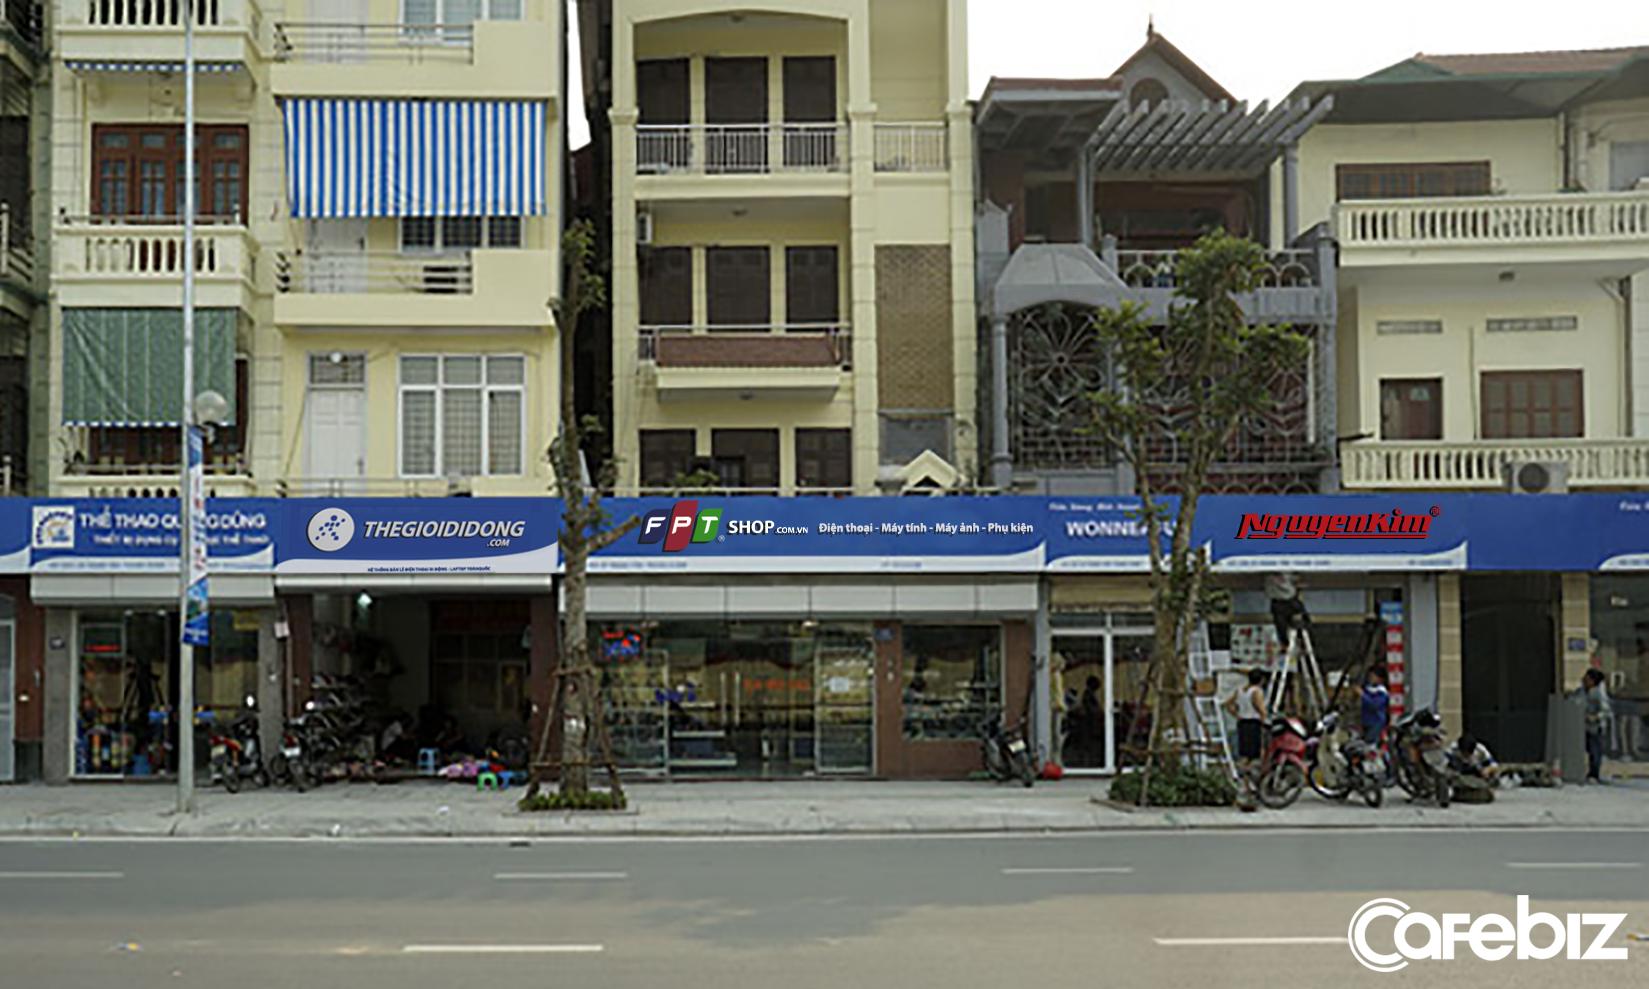 Ngắm Bảng Hiệu Thế Giới Di động Fpt Shop Nguyễn Kim được